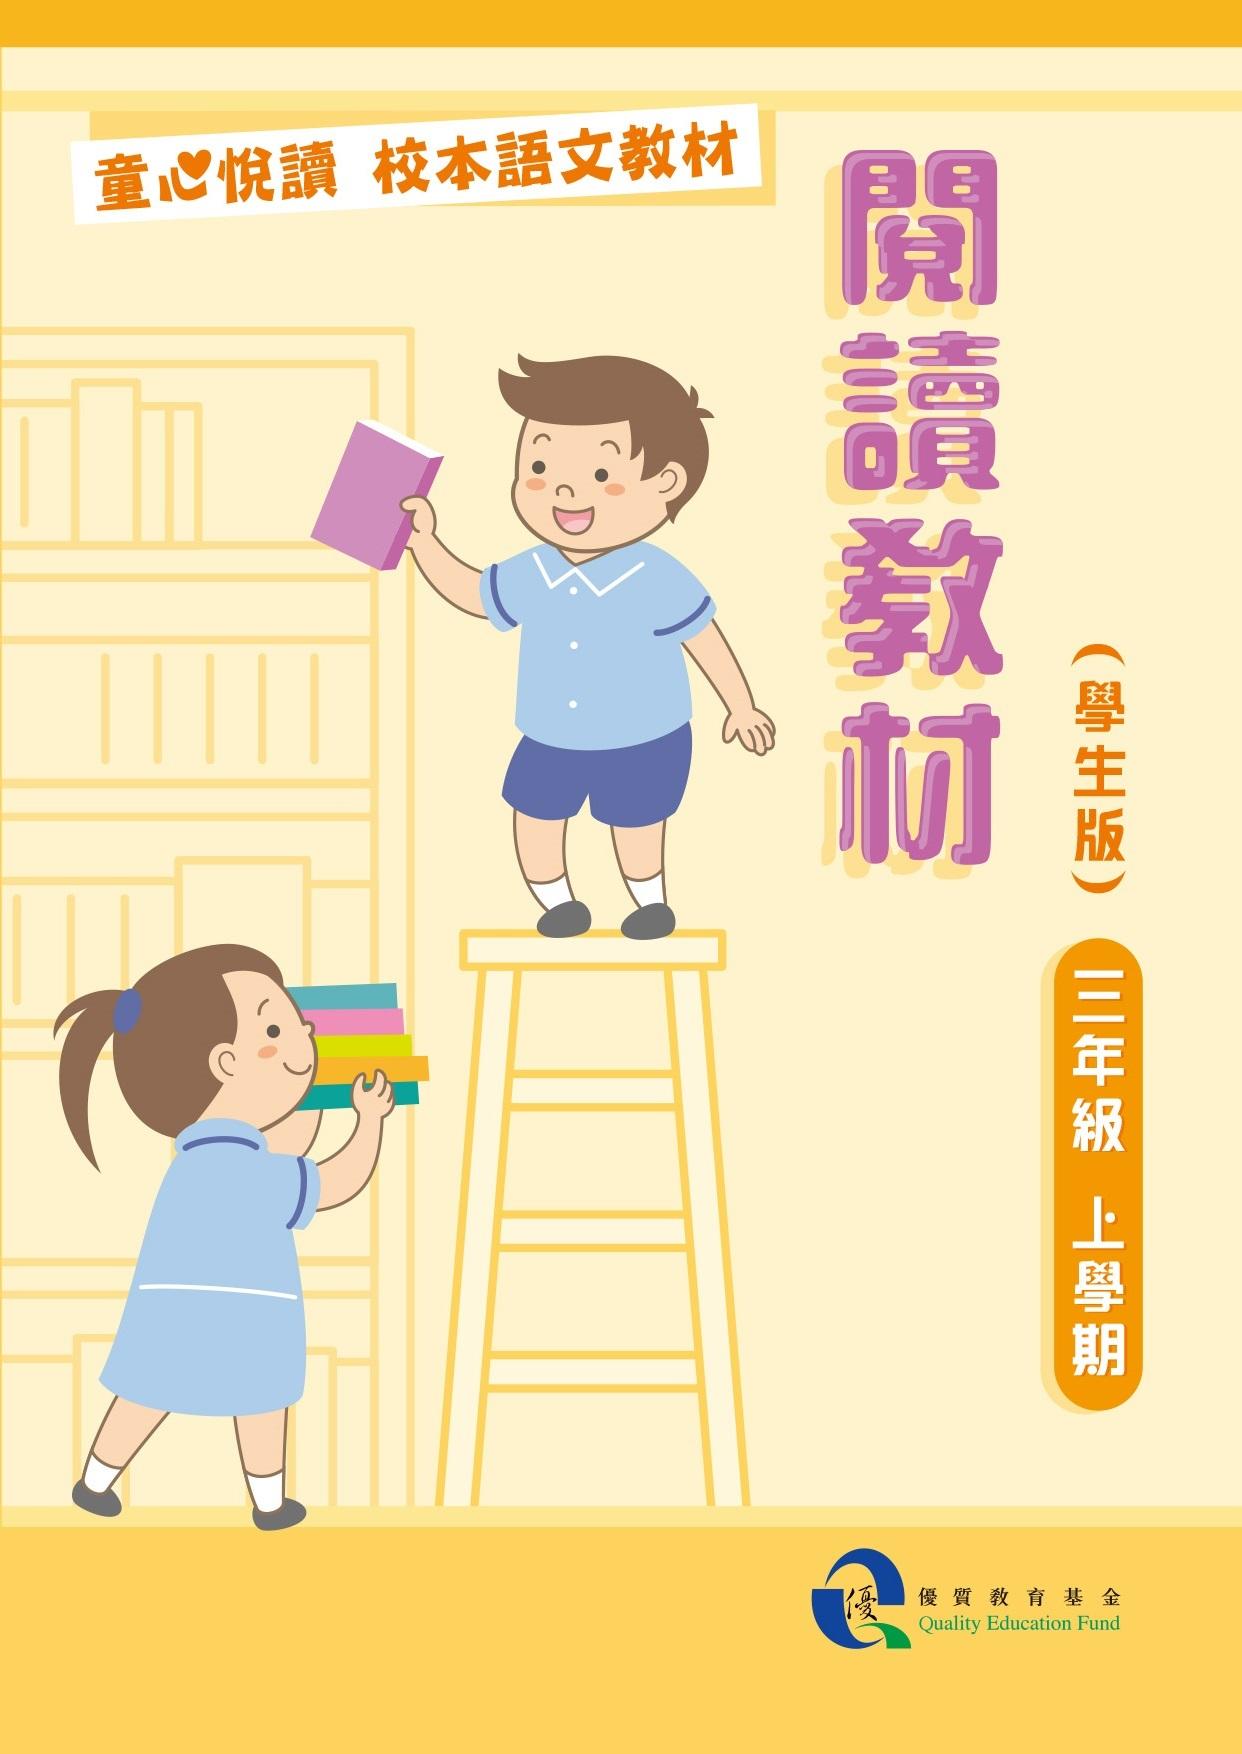 童心悅讀校本語文教材 三年級上學期閱讀教材 - 學生版